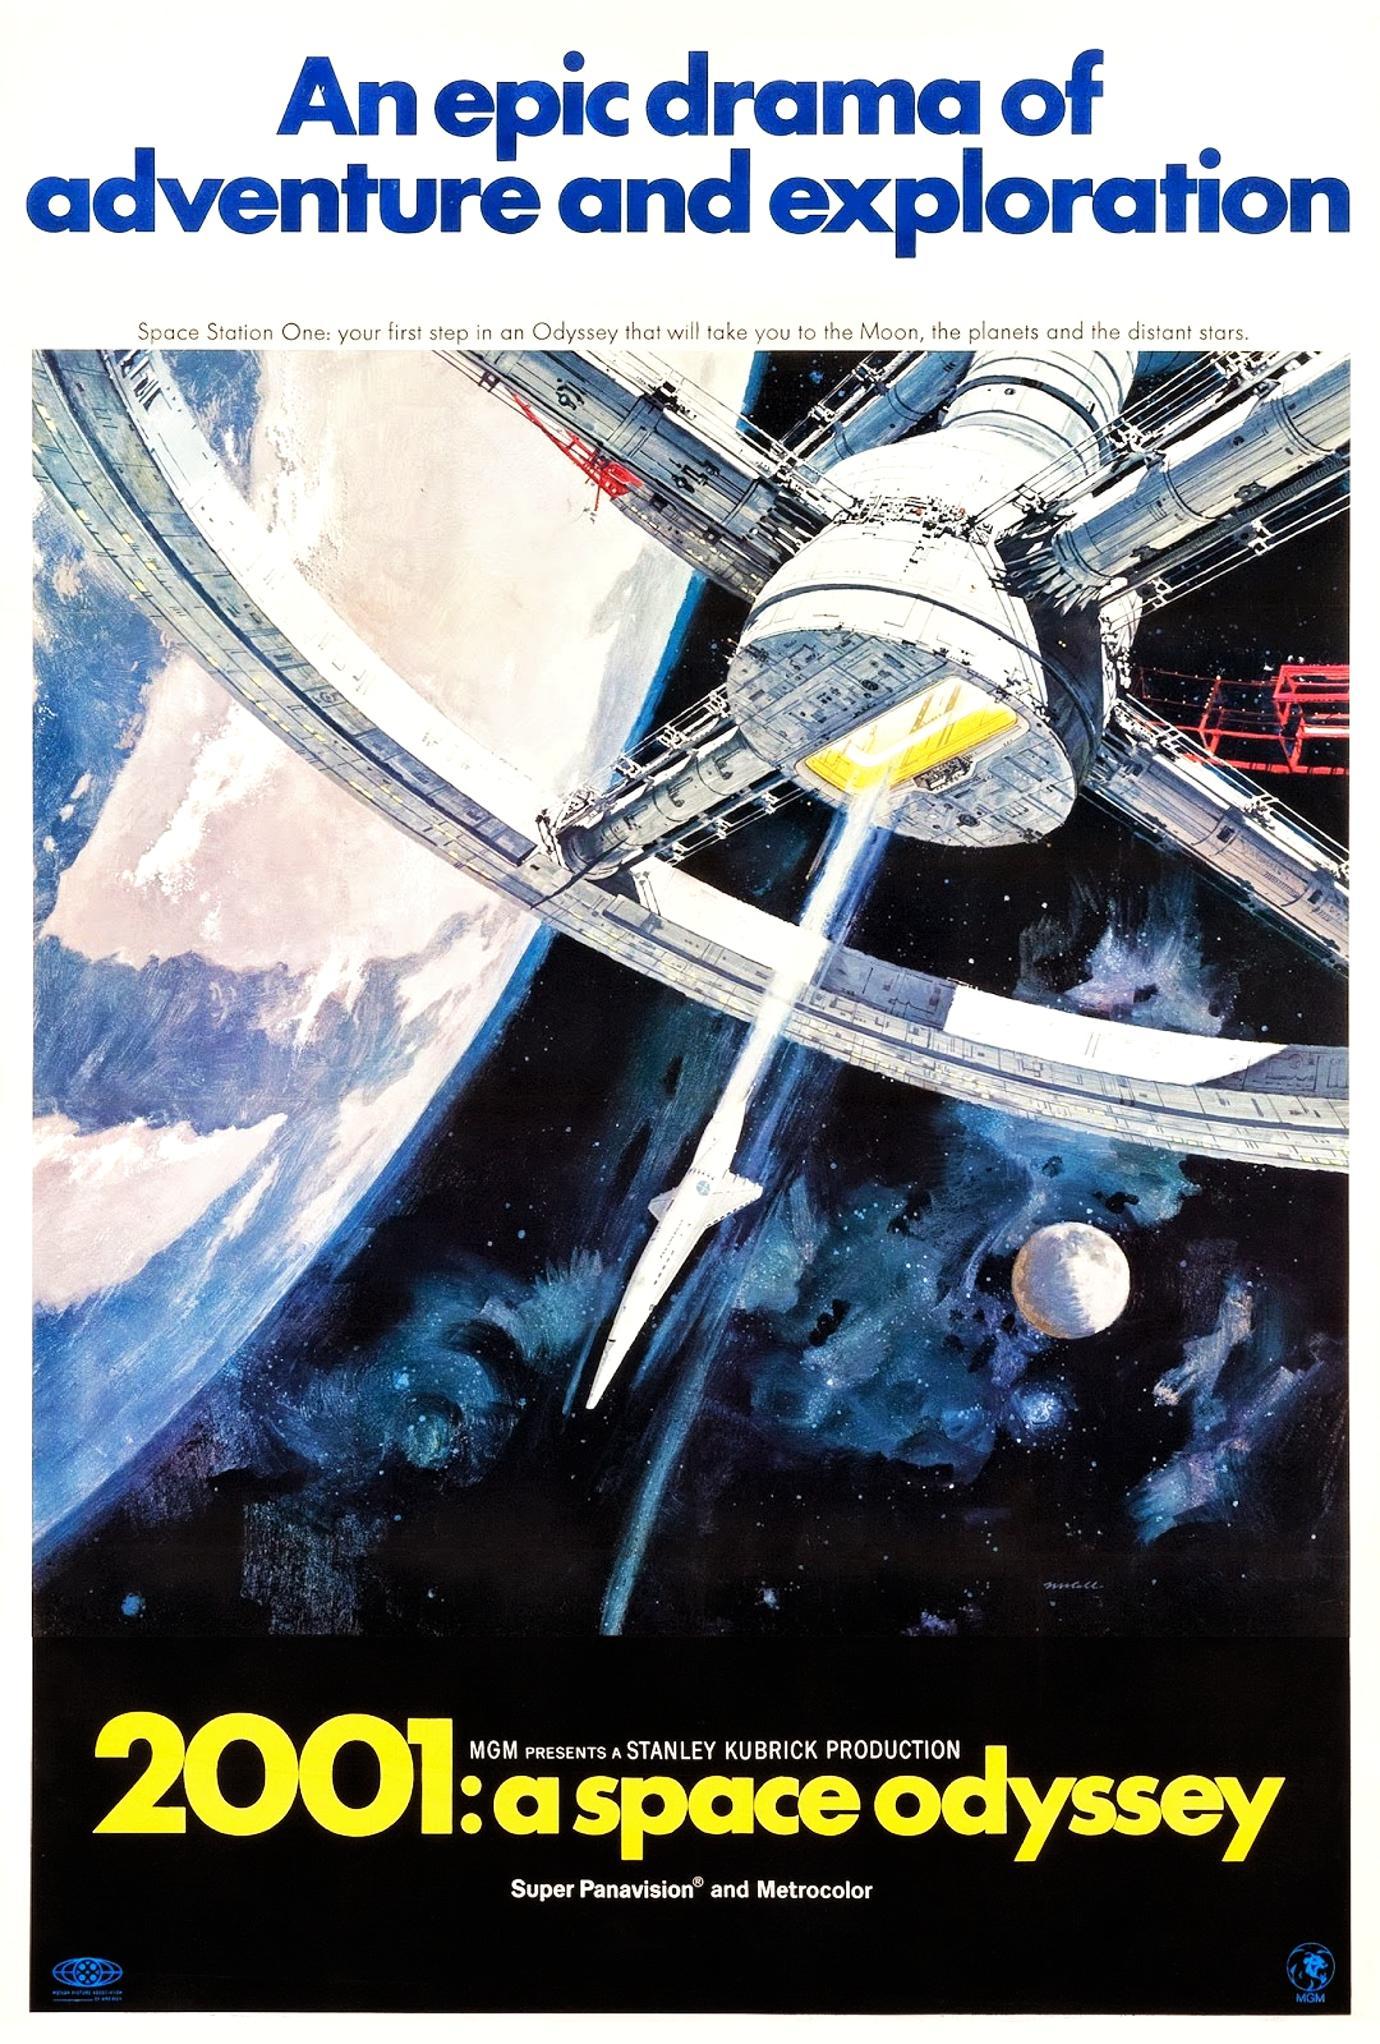 دانلود کتاب ادیسه فضایی 2001